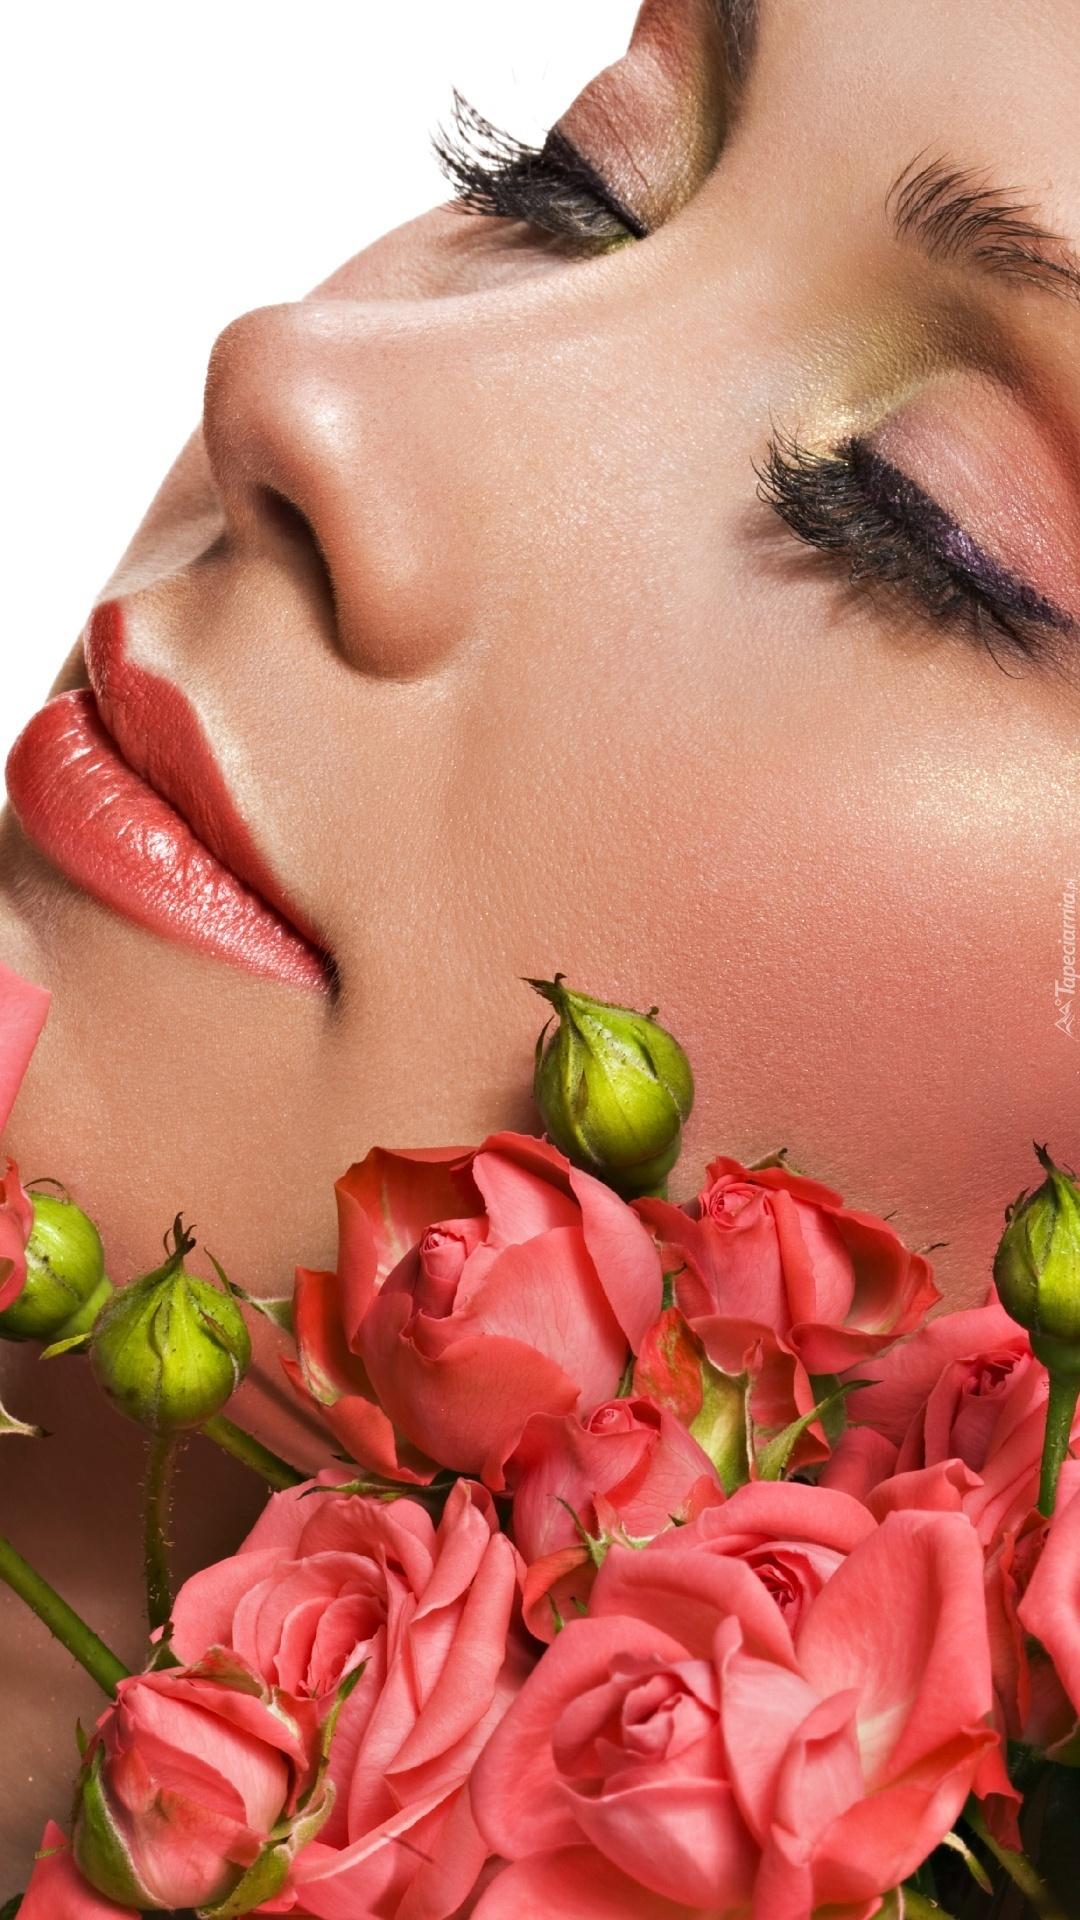 Bukiet róż i kobieta w makijażu